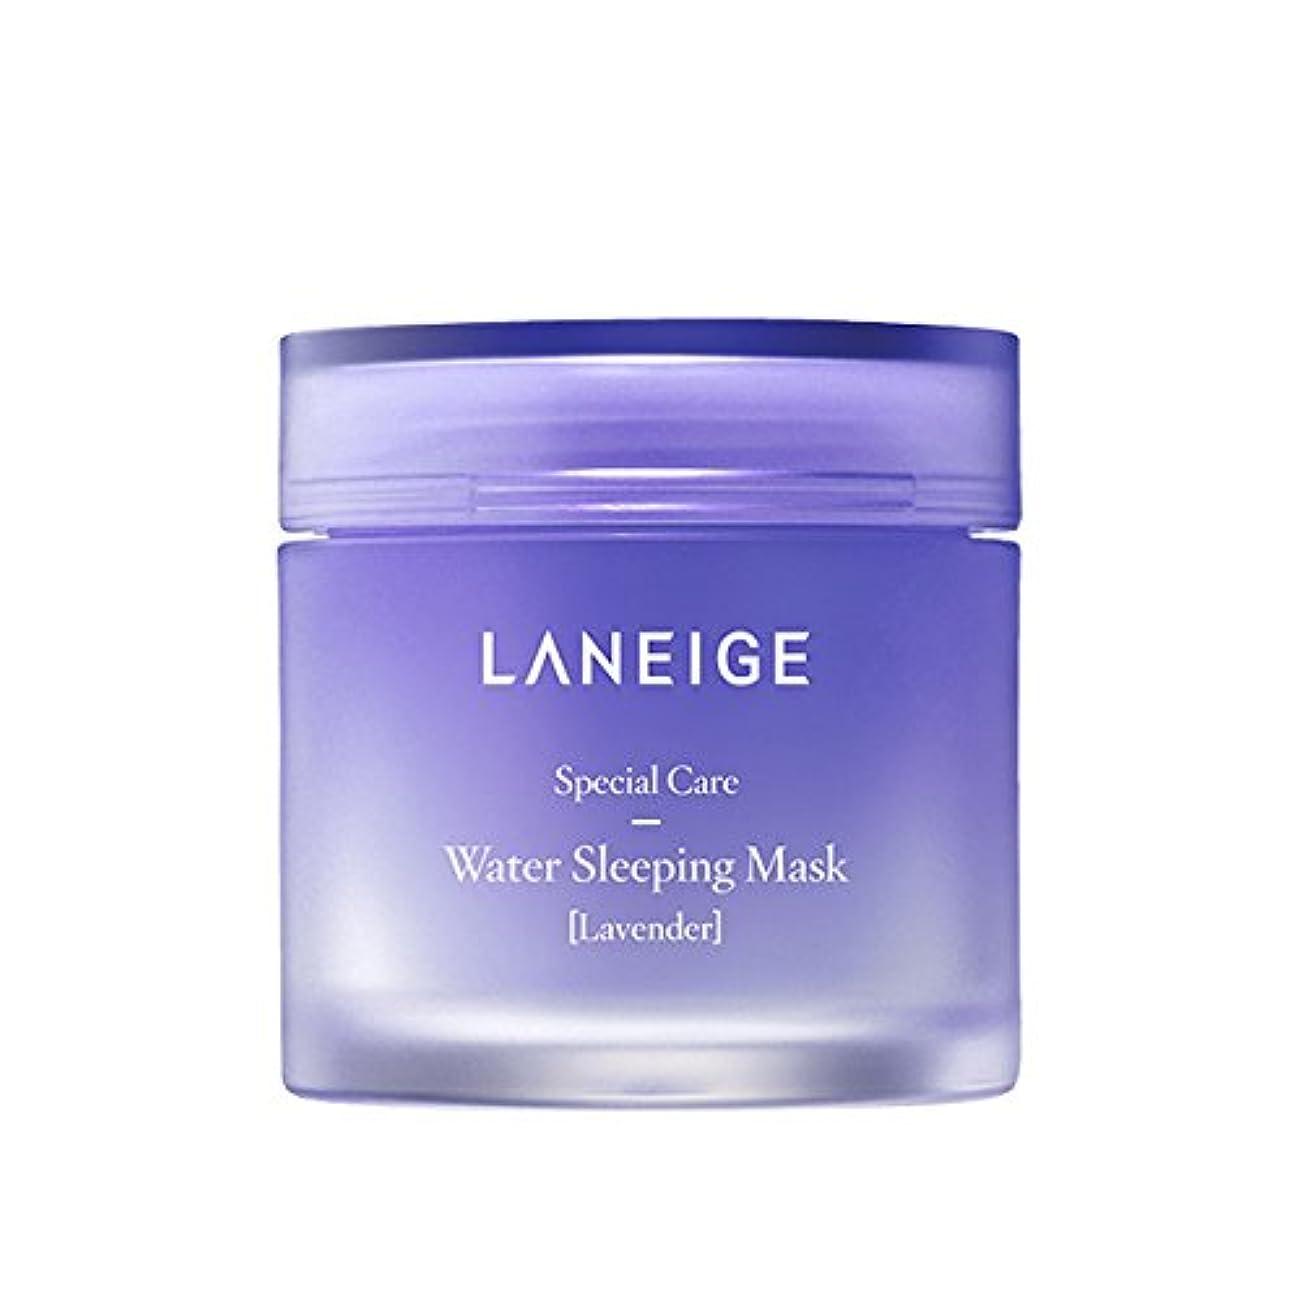 資本変わる輝度LANEIGE Water Sleeping Mask [Lavender] 70ml/ラネージュ ウォーター スリーピング マスク [ラベンダー] 70ml [並行輸入品]